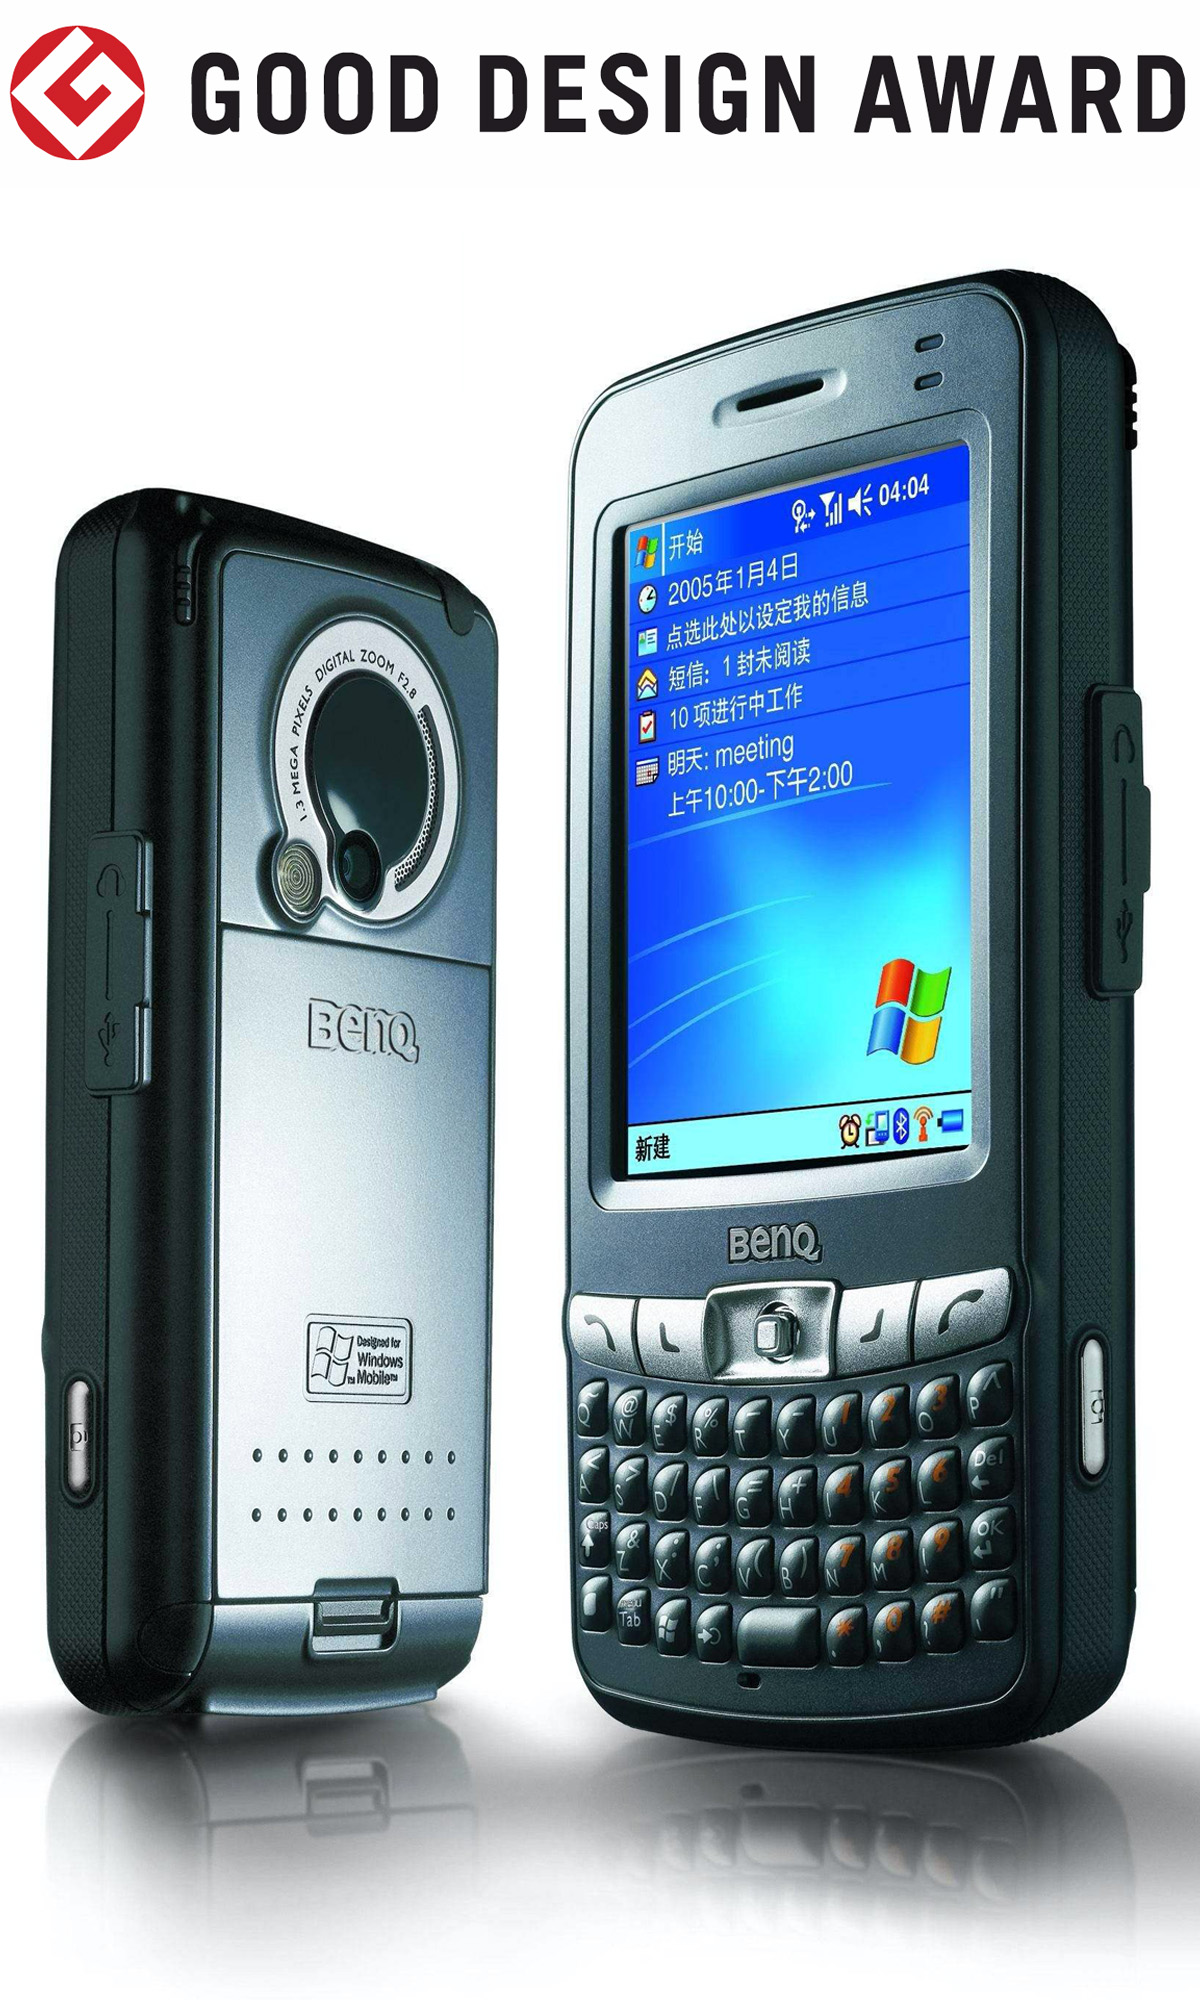 【日本】明基BenQ智能手机P50获颁2005年度G-Mark设计大奖(GOOD DESIGN AWARD 2005)